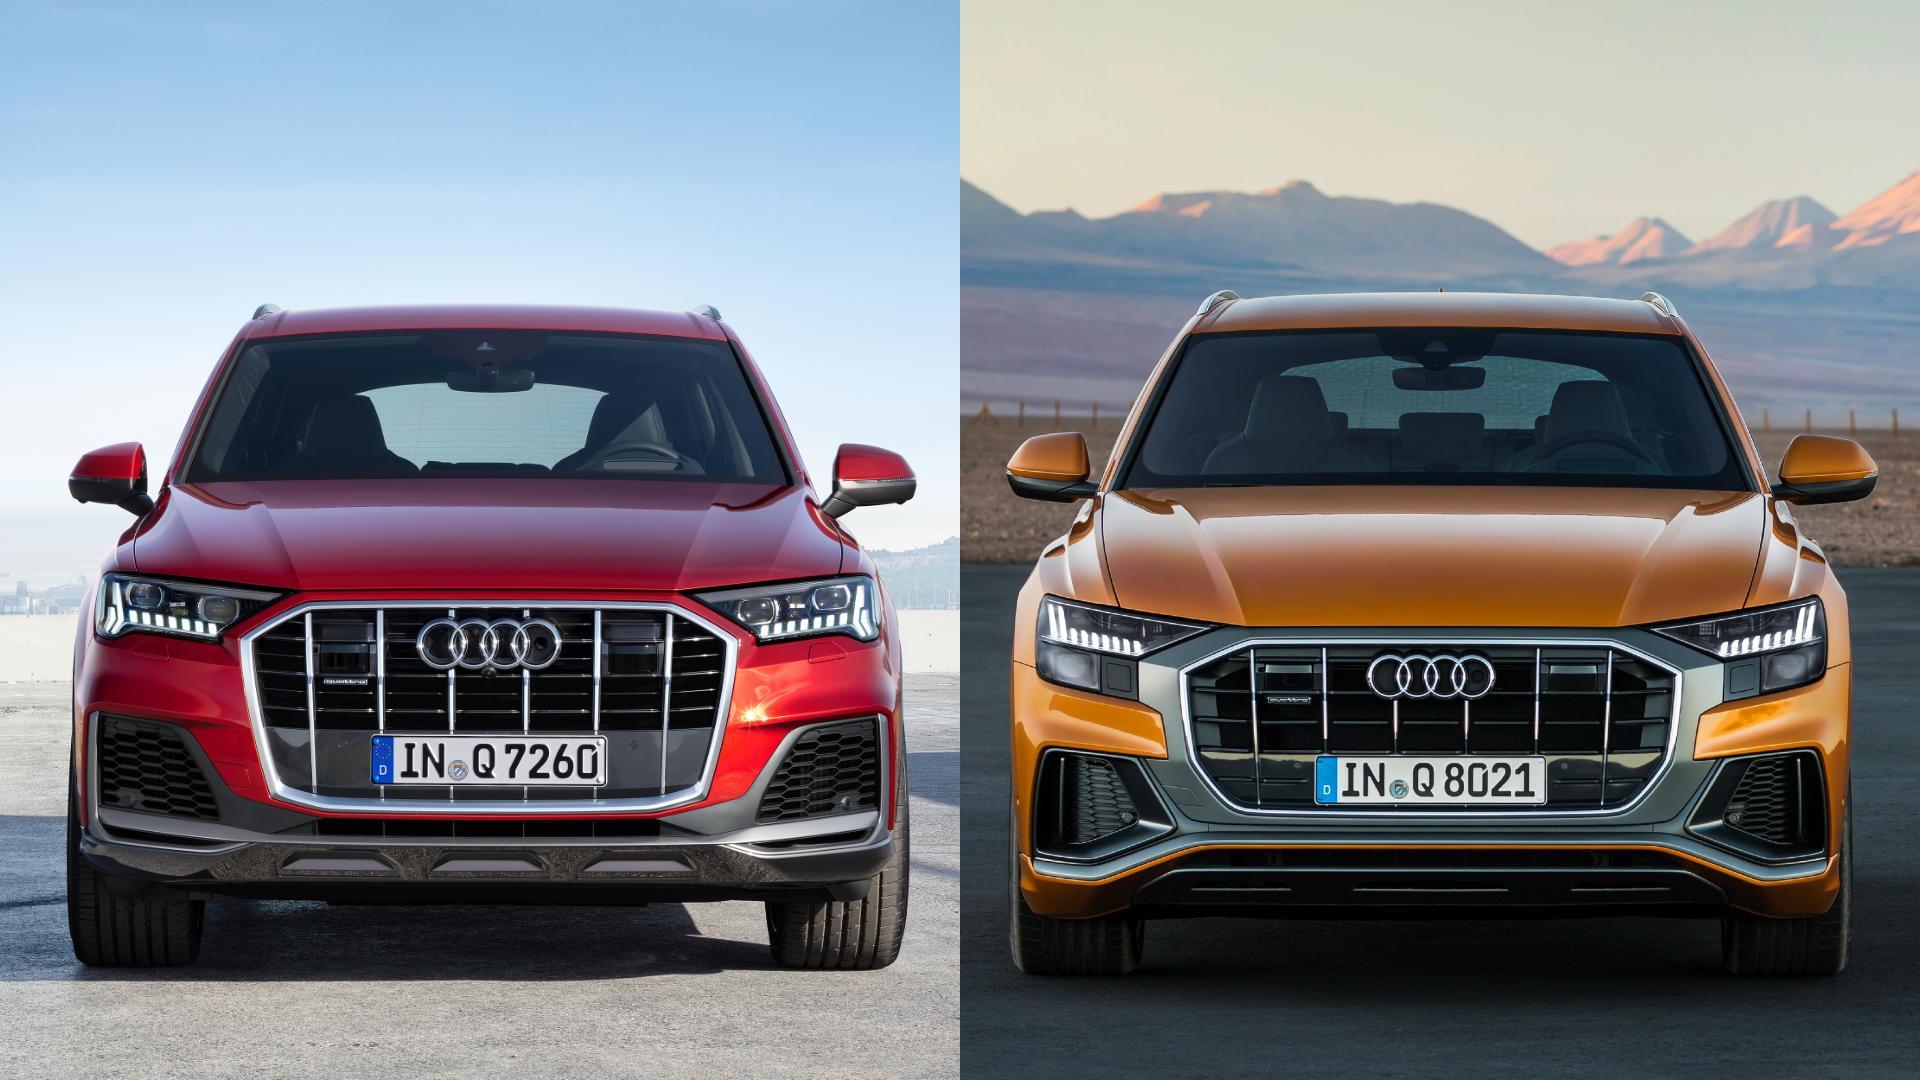 Audi Q7 vs Q8